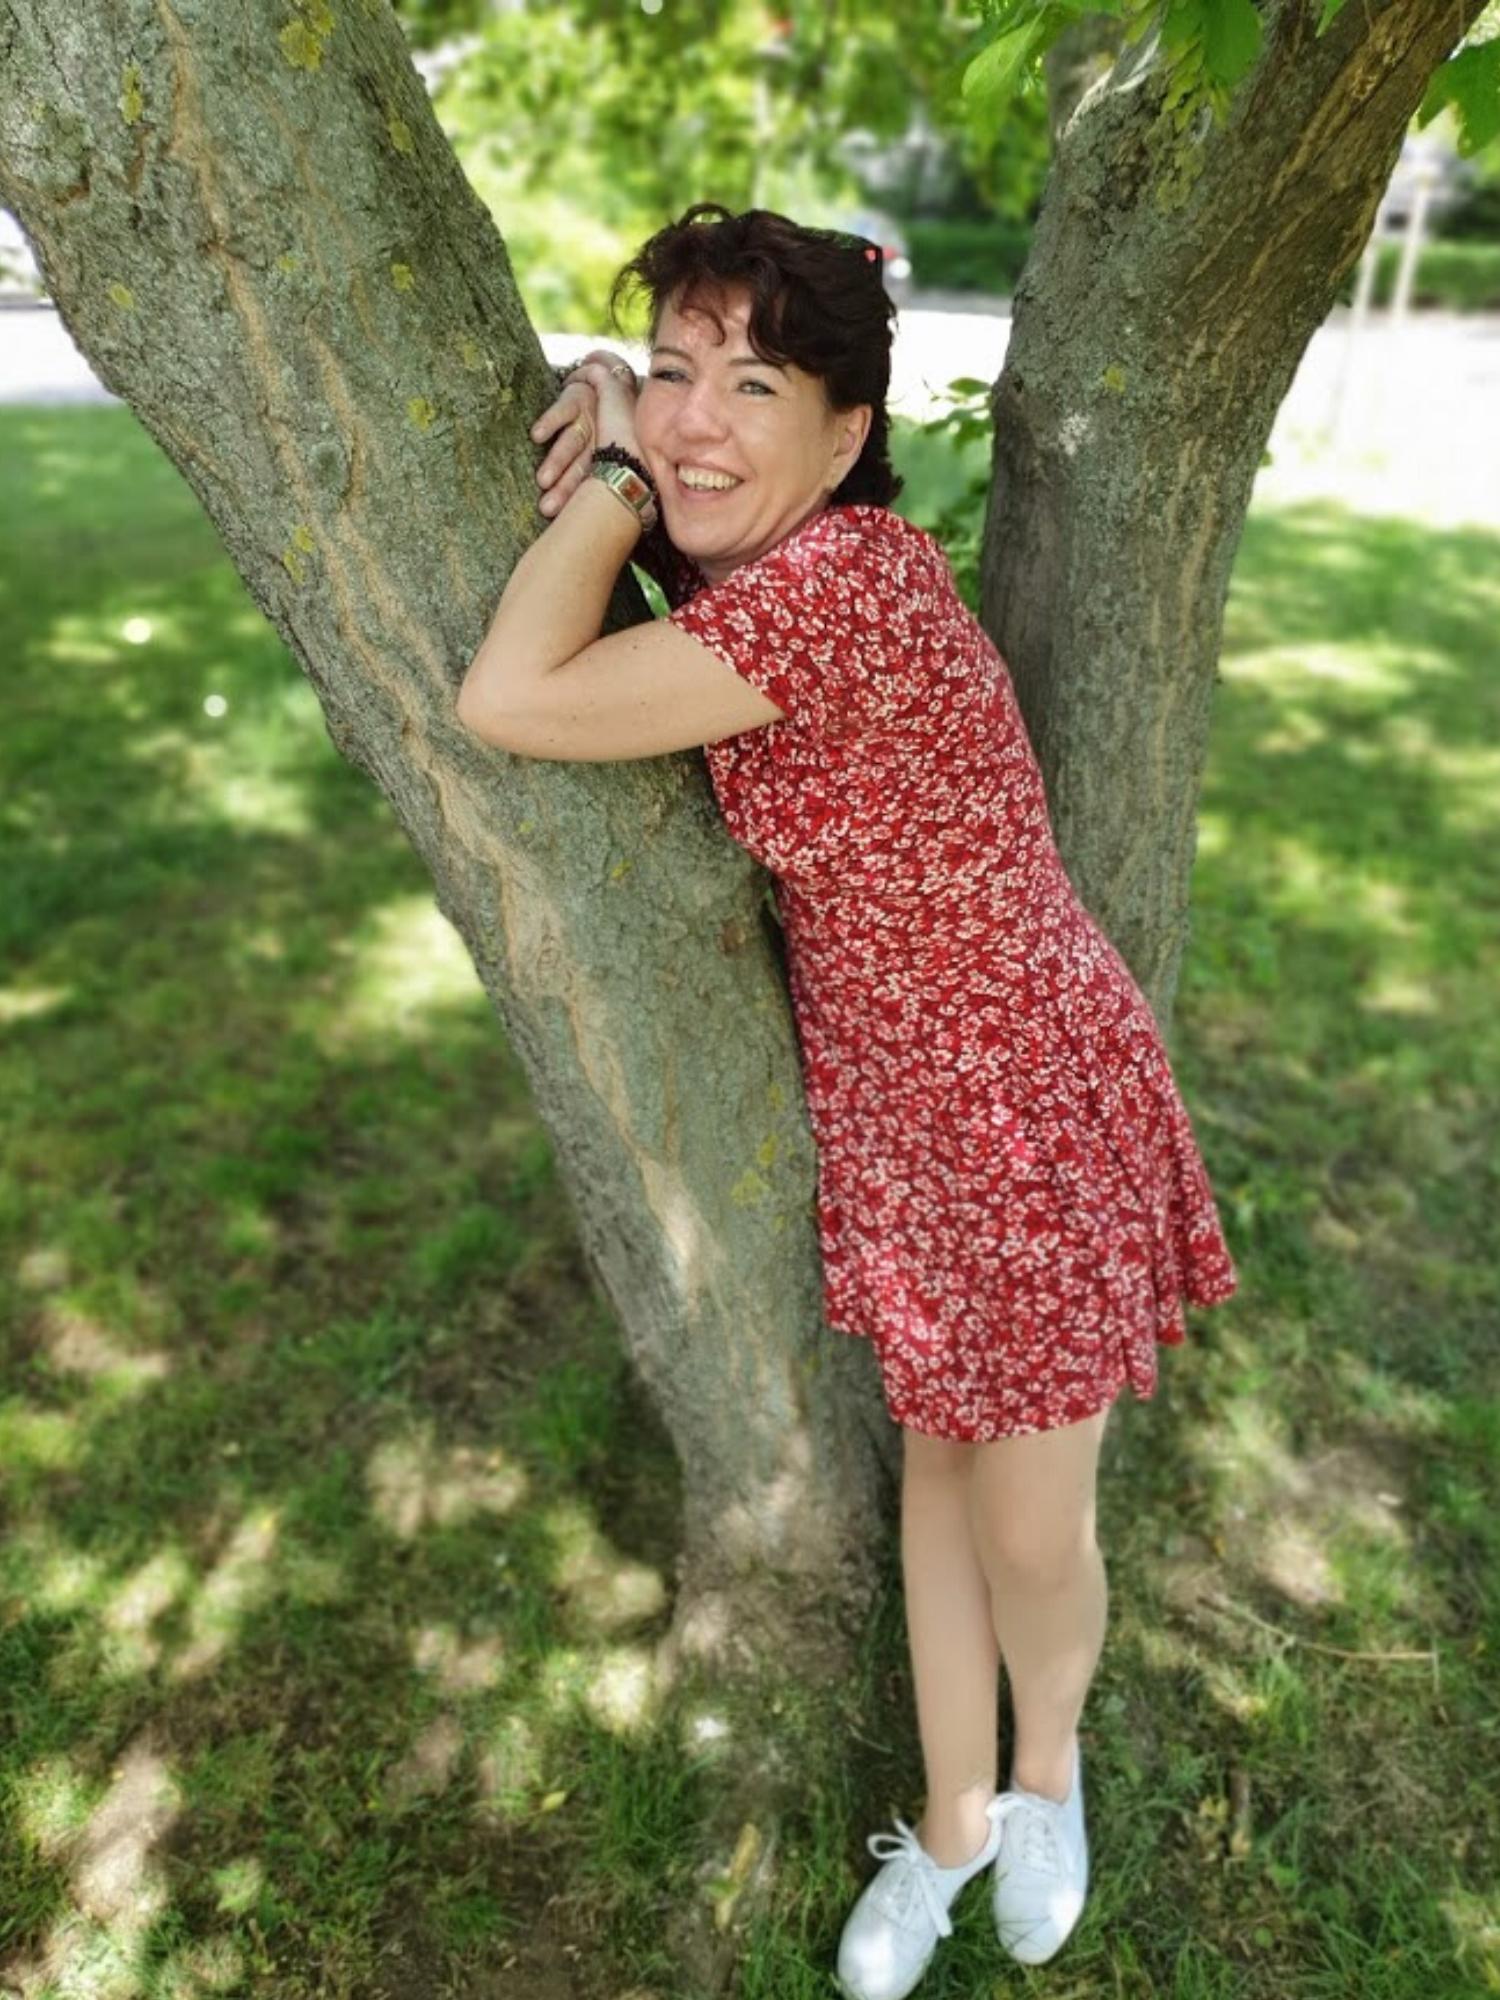 Linda Minarovýchová